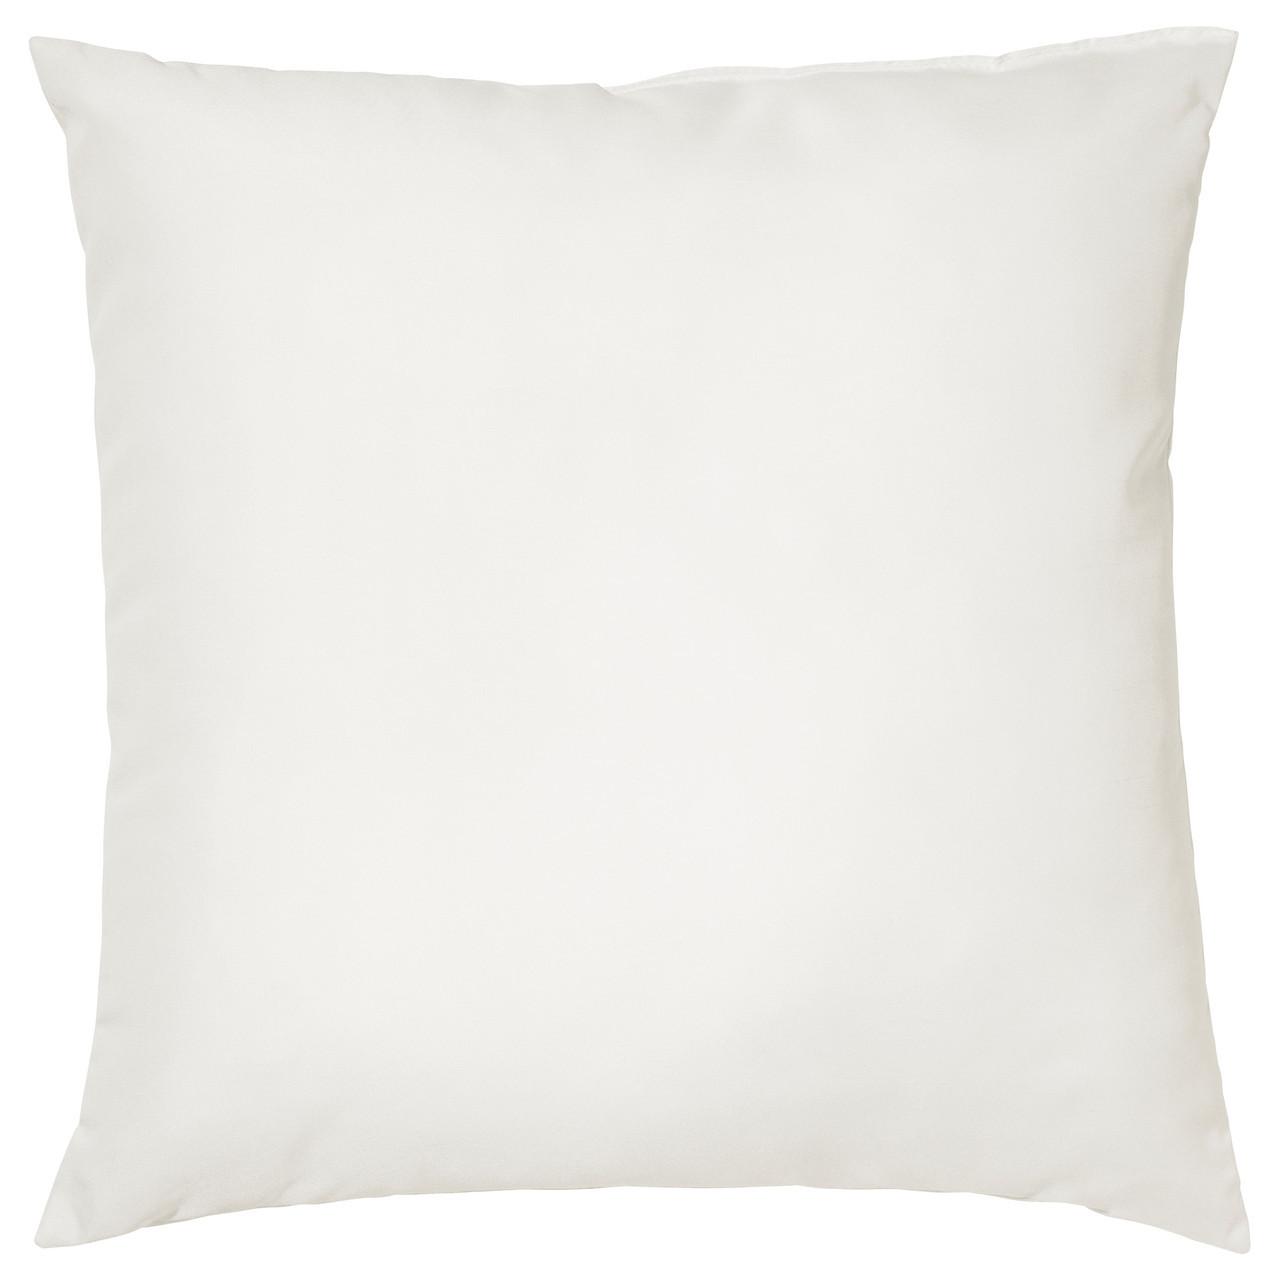 УЛЛКАКТУС Подушка, белый, 50x50 см 90262144 IKEA, ИКЕА, ULLKAKTUS